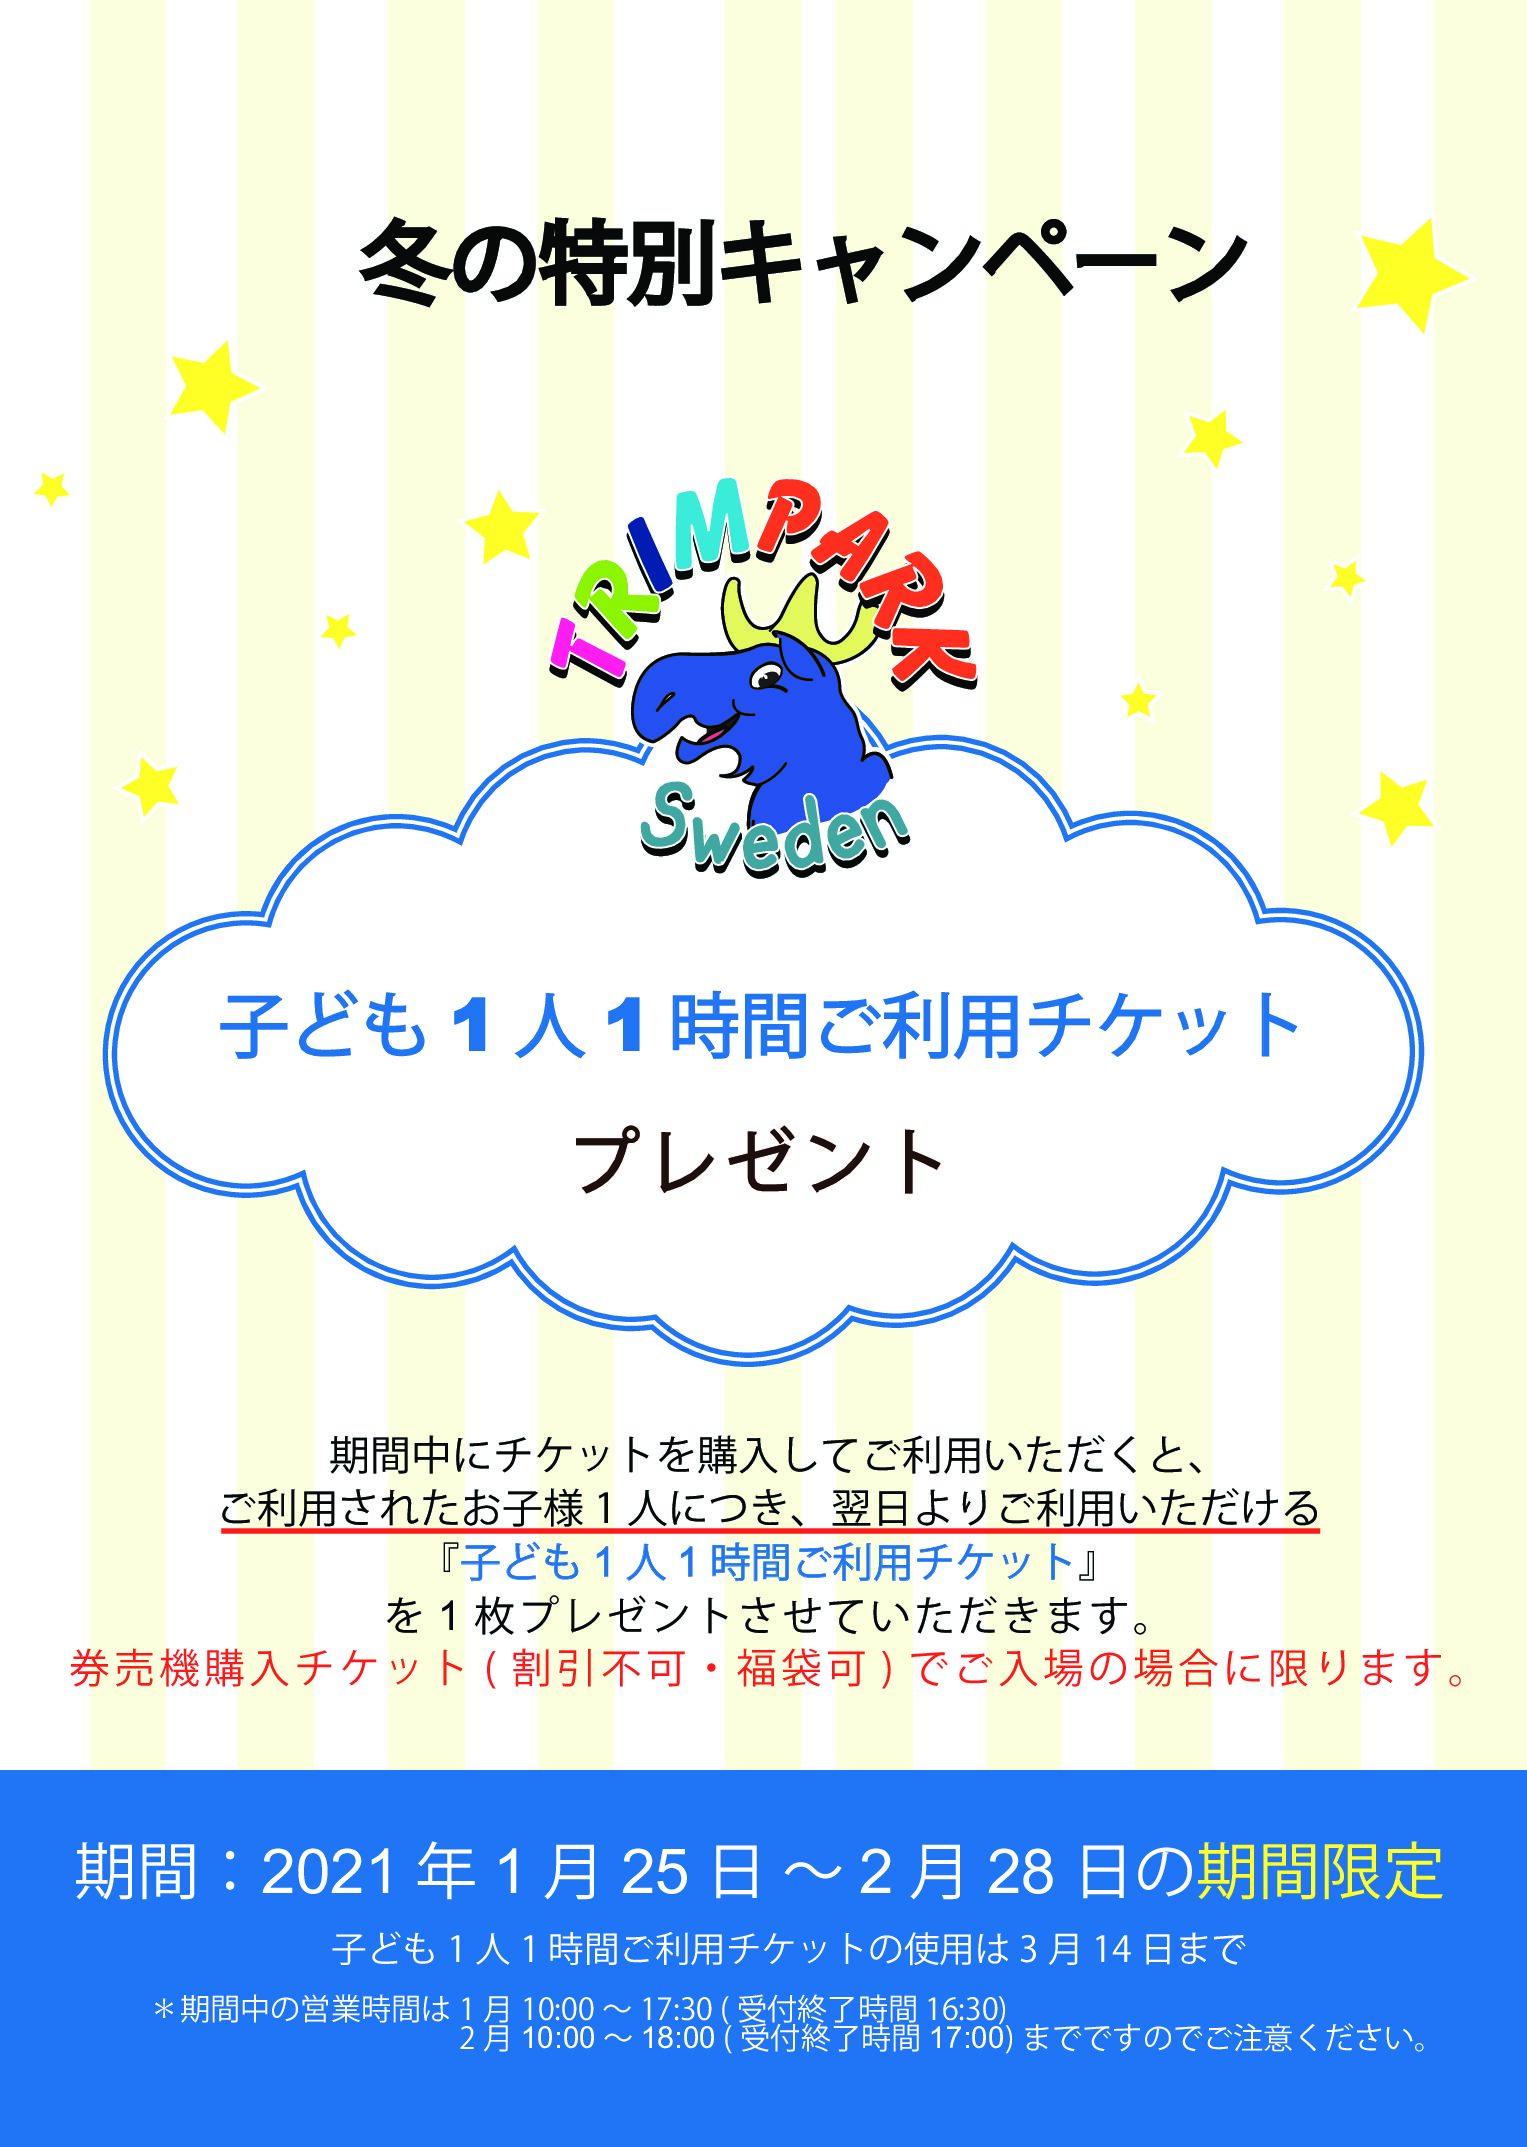 ★☆冬の特別キャンペーン☆★